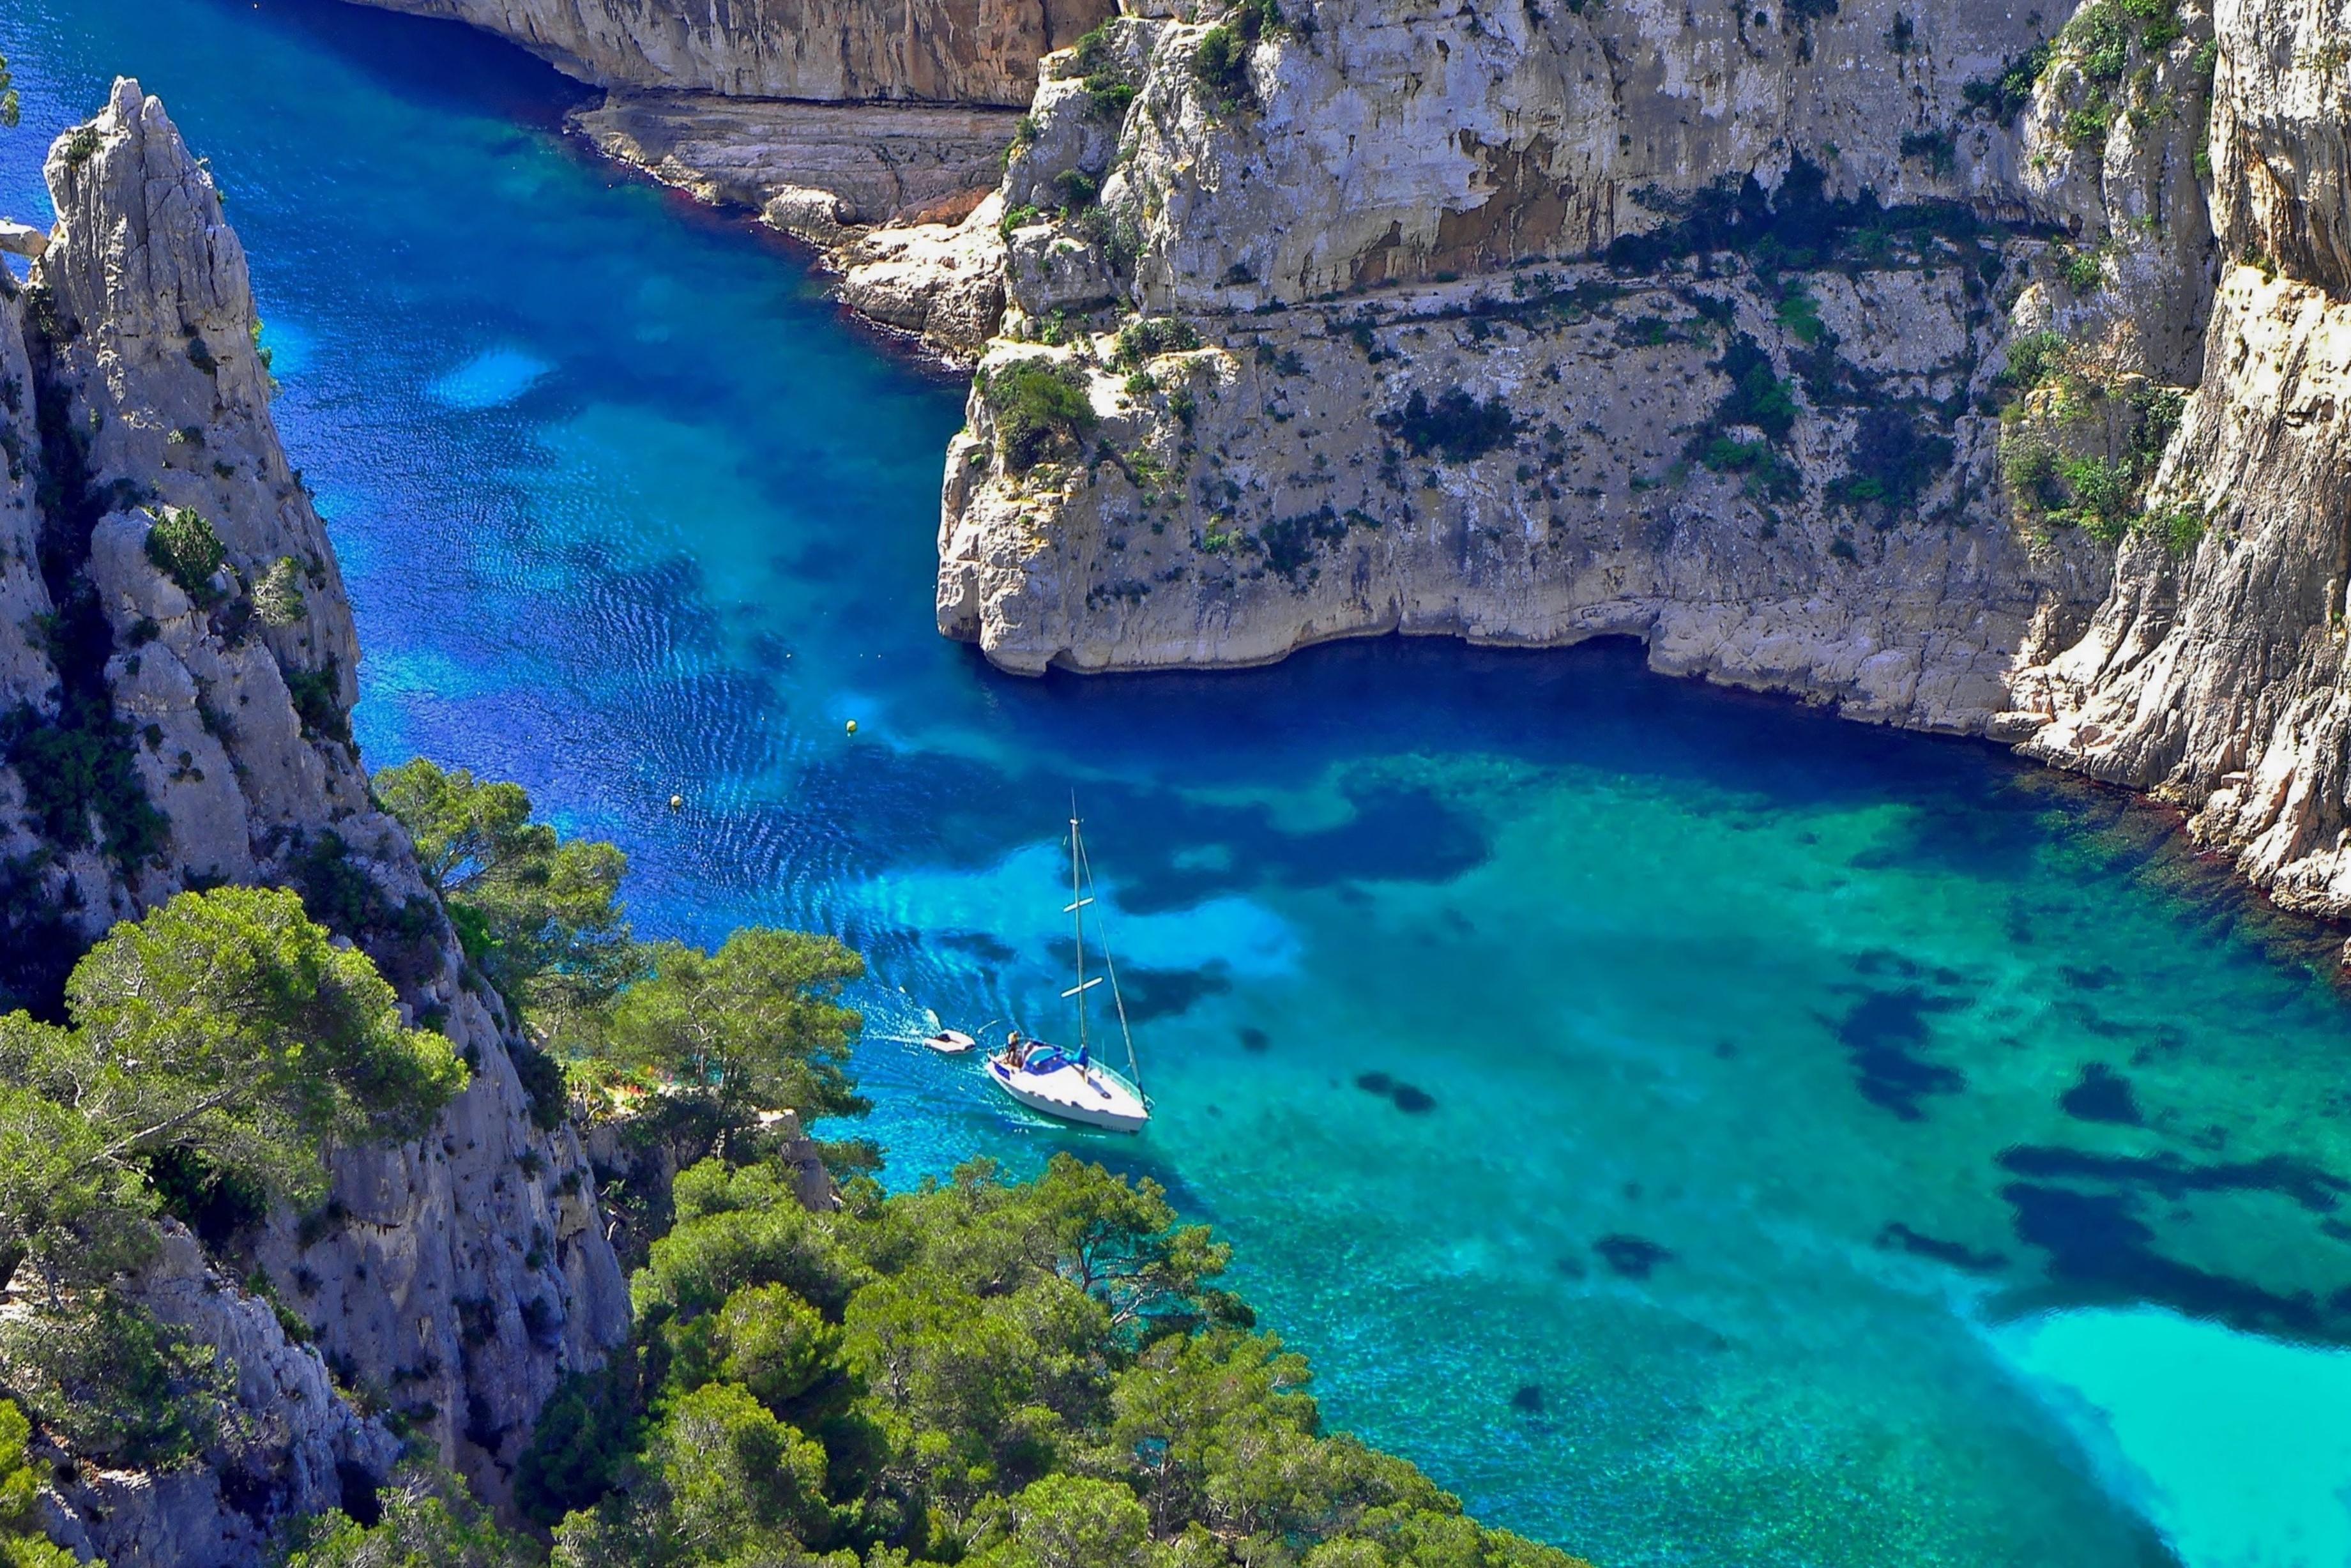 La calanque d'En-Vau est considérée comme l'une des plus belles plages d'Europe - DR : Mouiton.A - CRT PACA